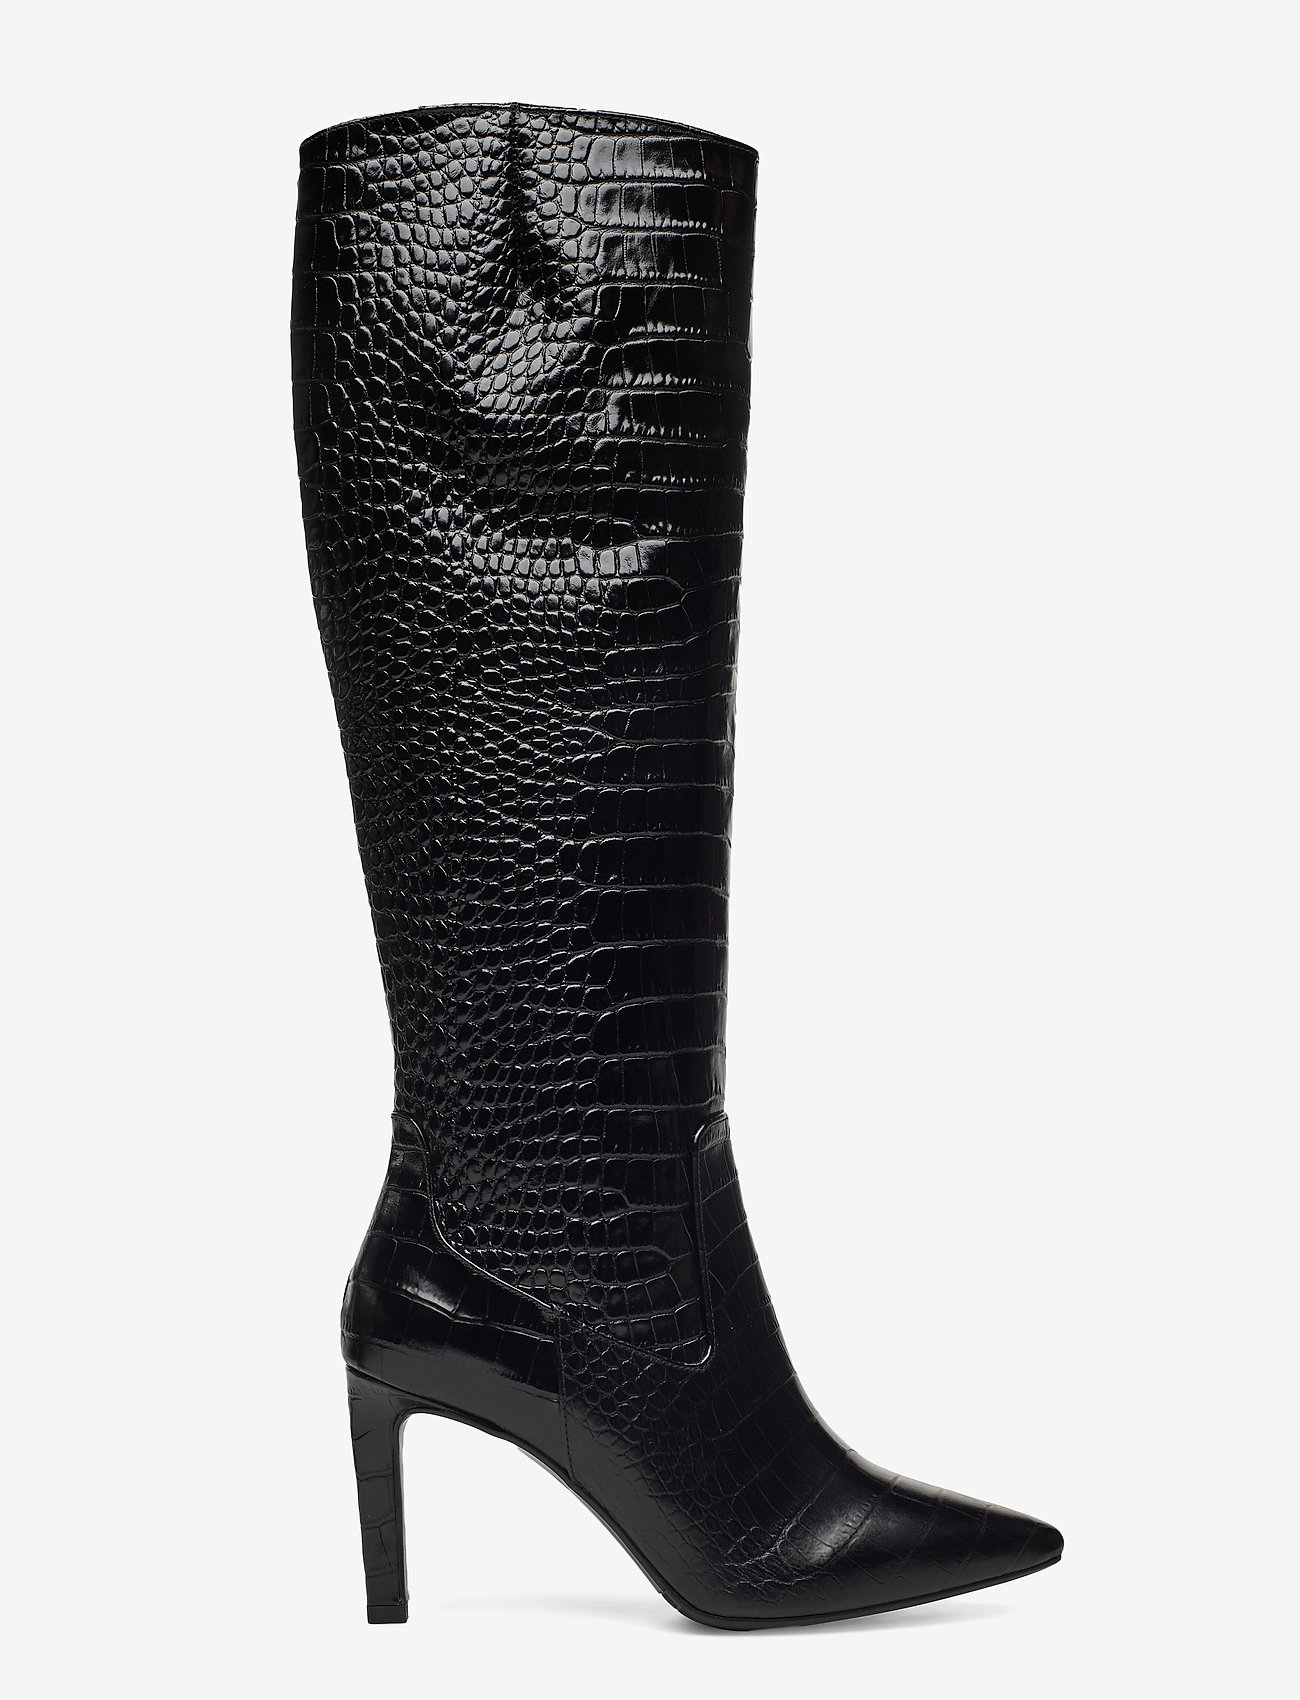 Billi Bi - Long Boots 5234 - höga stövlar - black luisiana croco  10 - 1